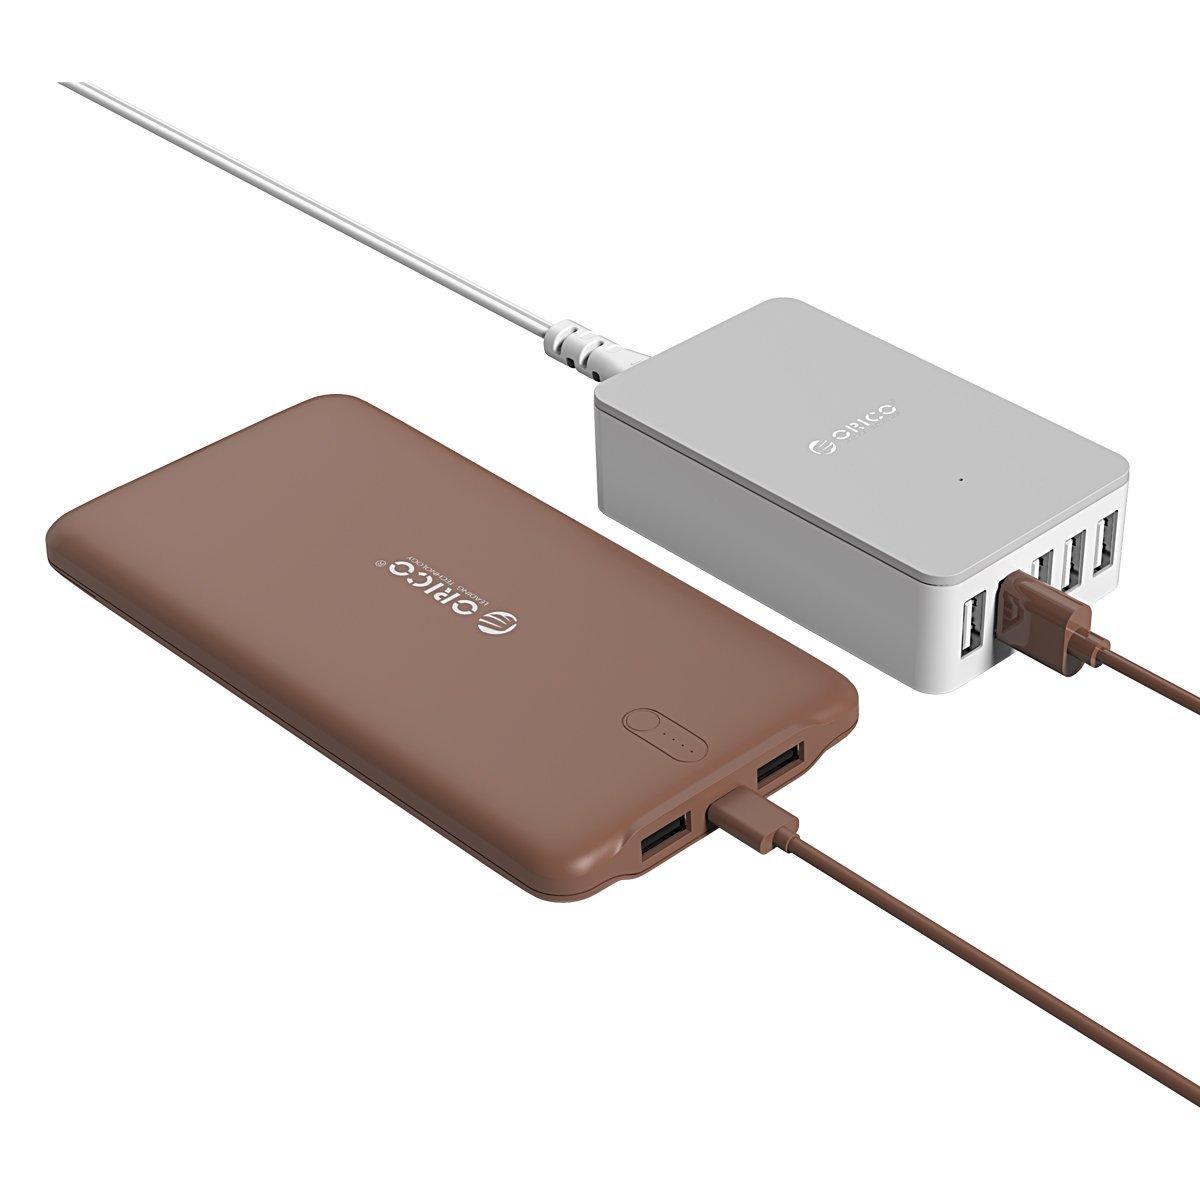 Haux, Duệ họ () linh động loạt điện thoại di động điện sạc bảo polymer táo / Android / điện thoại /